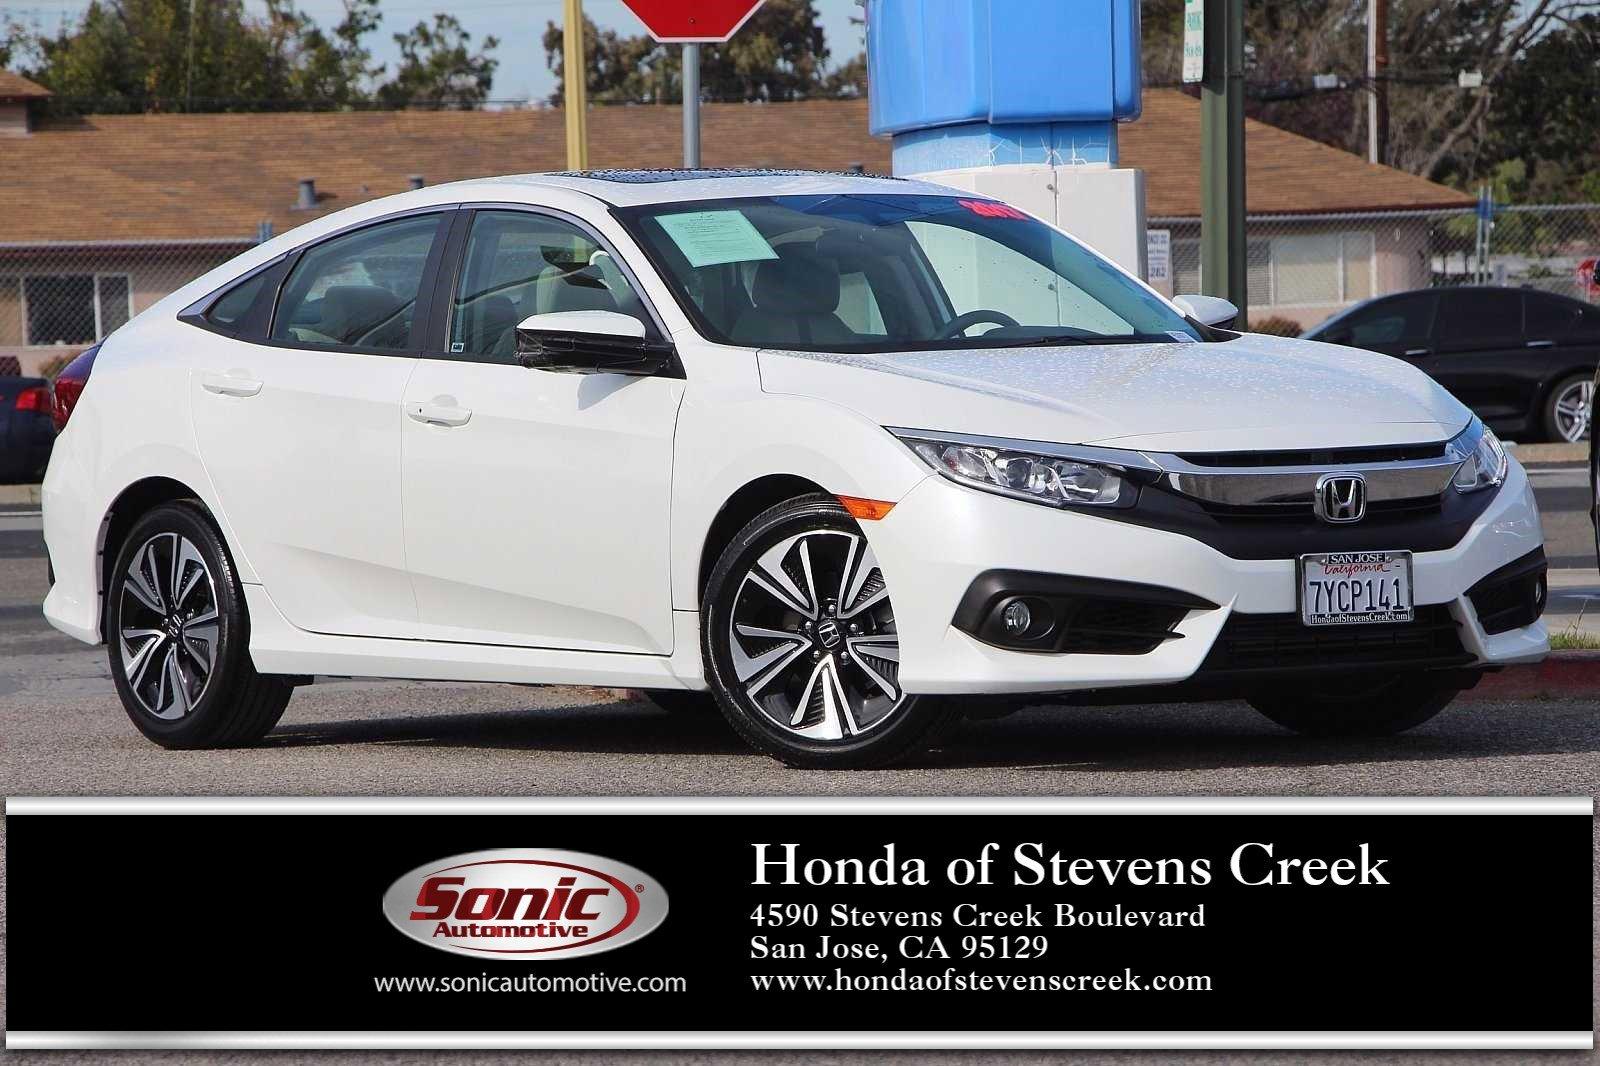 2017 Honda Civic EX-T Sedan image